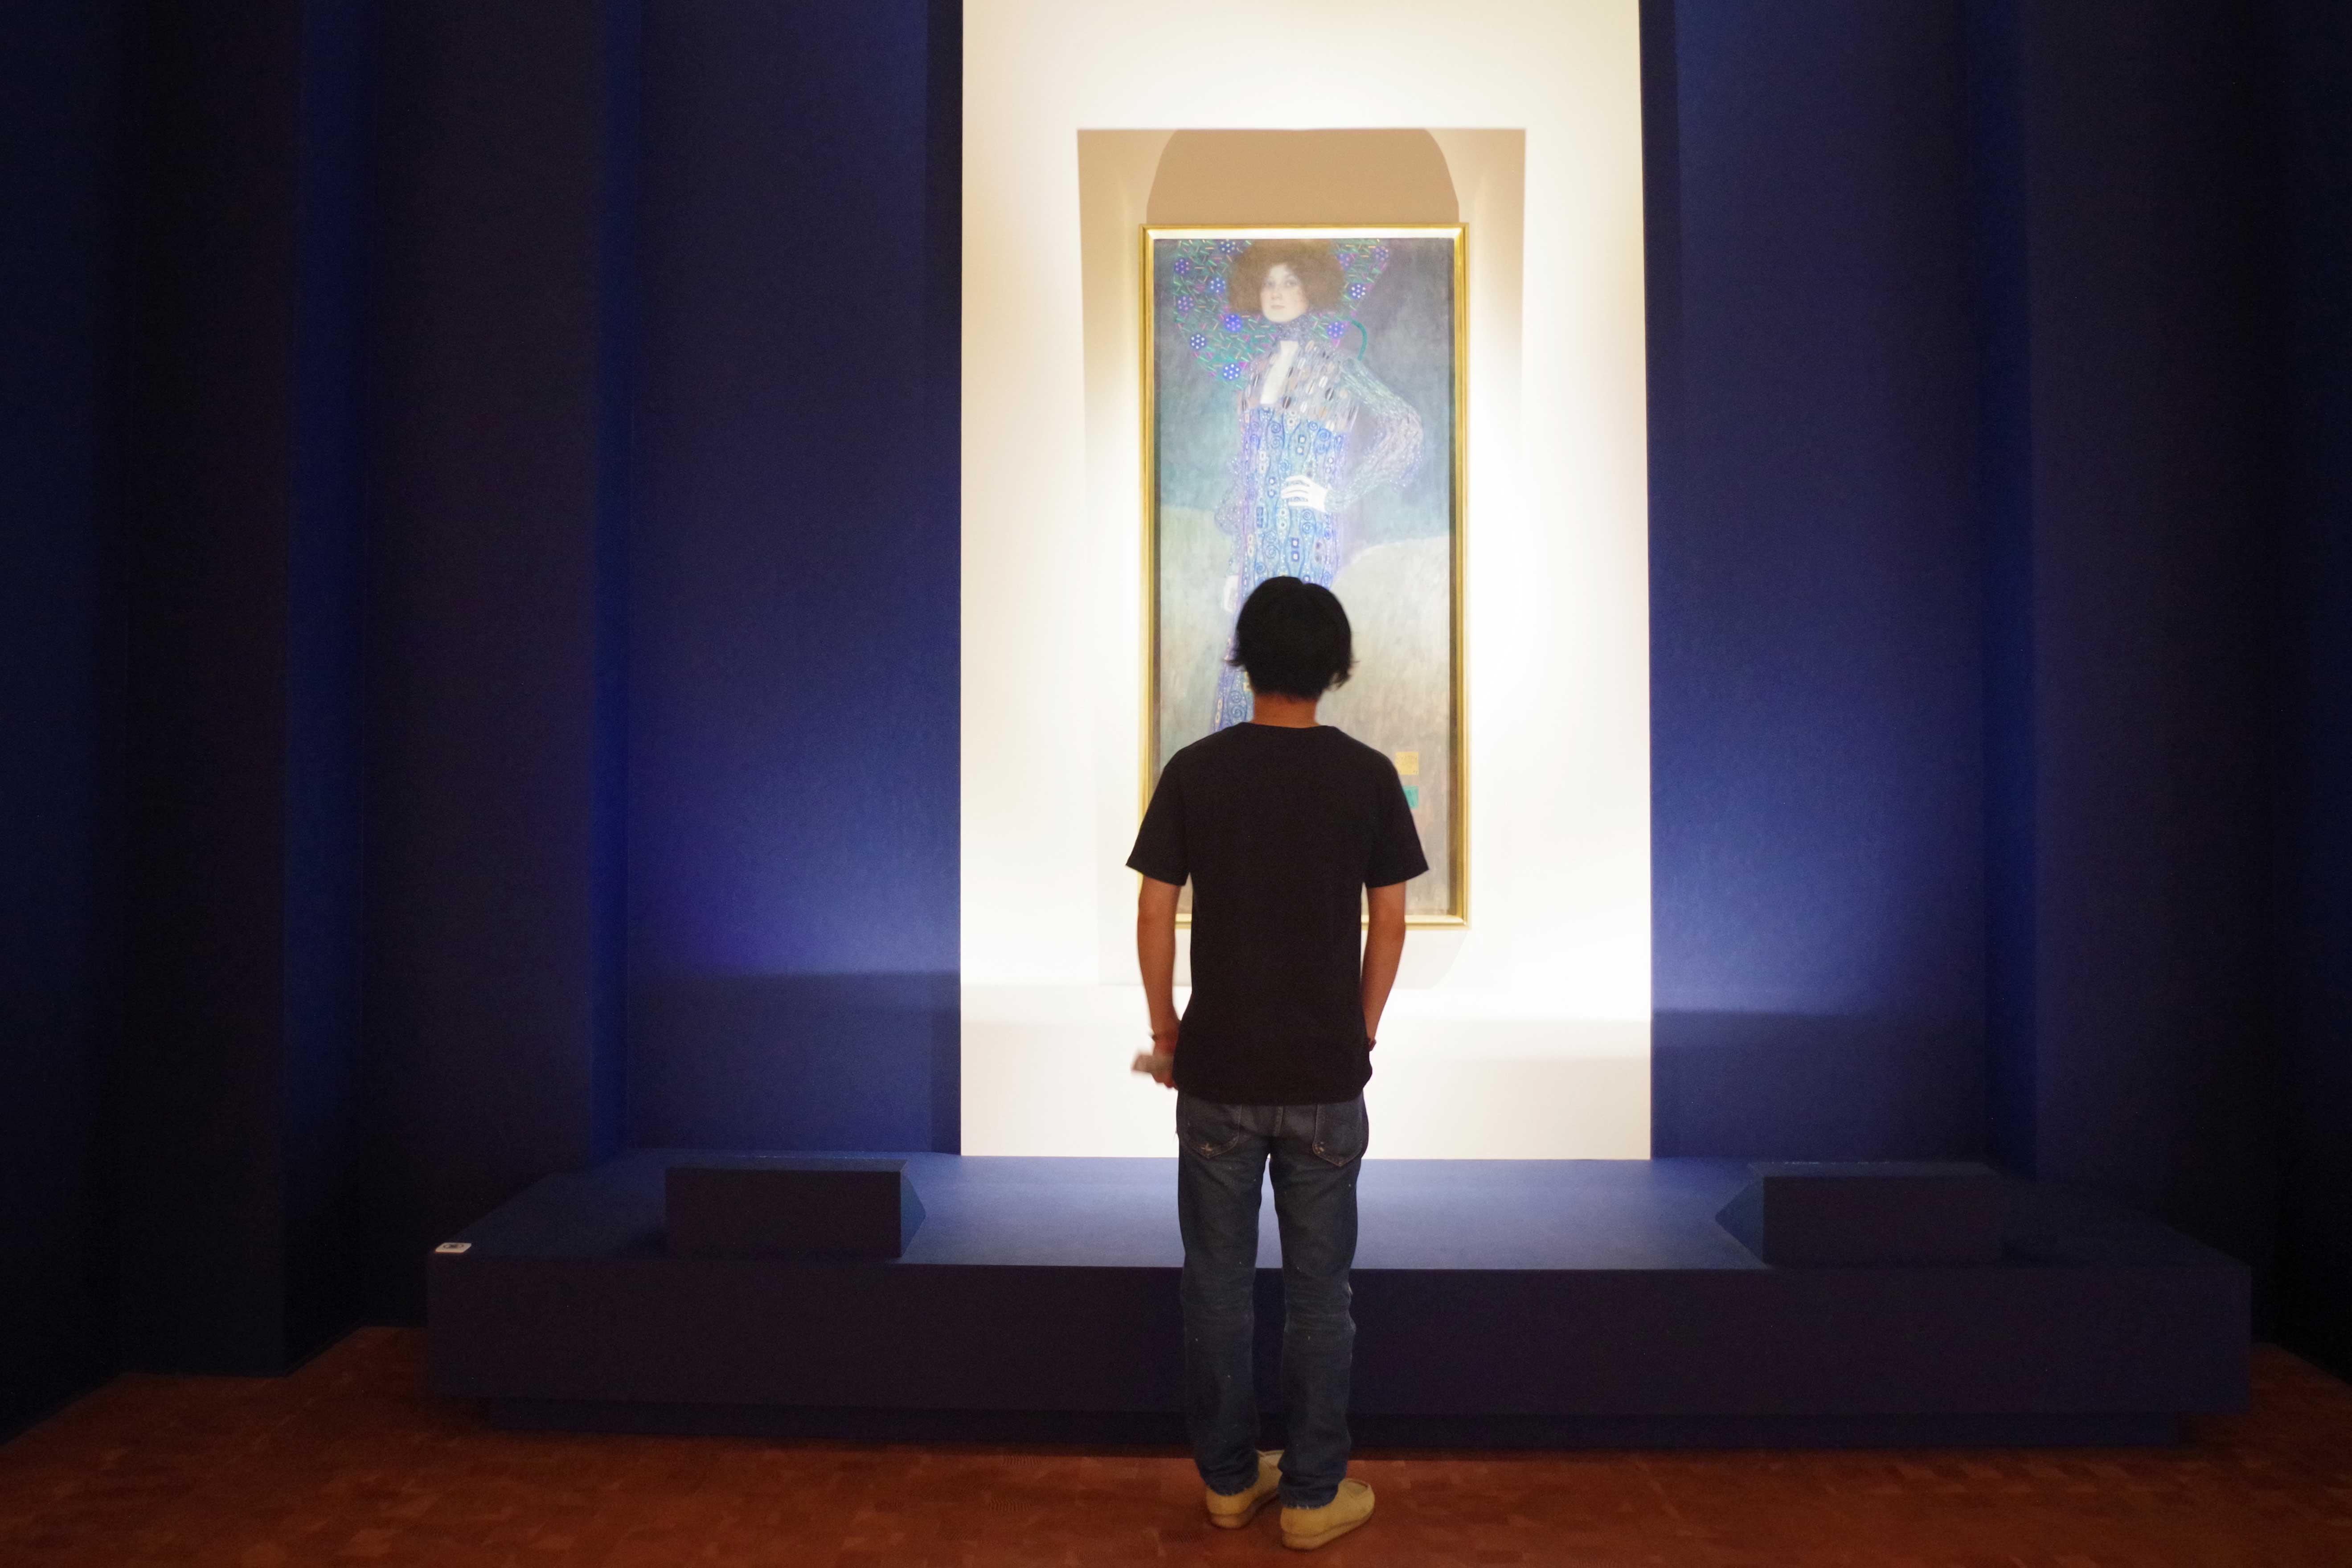 このグスタフ・クリムト『エミーリエ・フレーゲの肖像』であれば、撮影できます